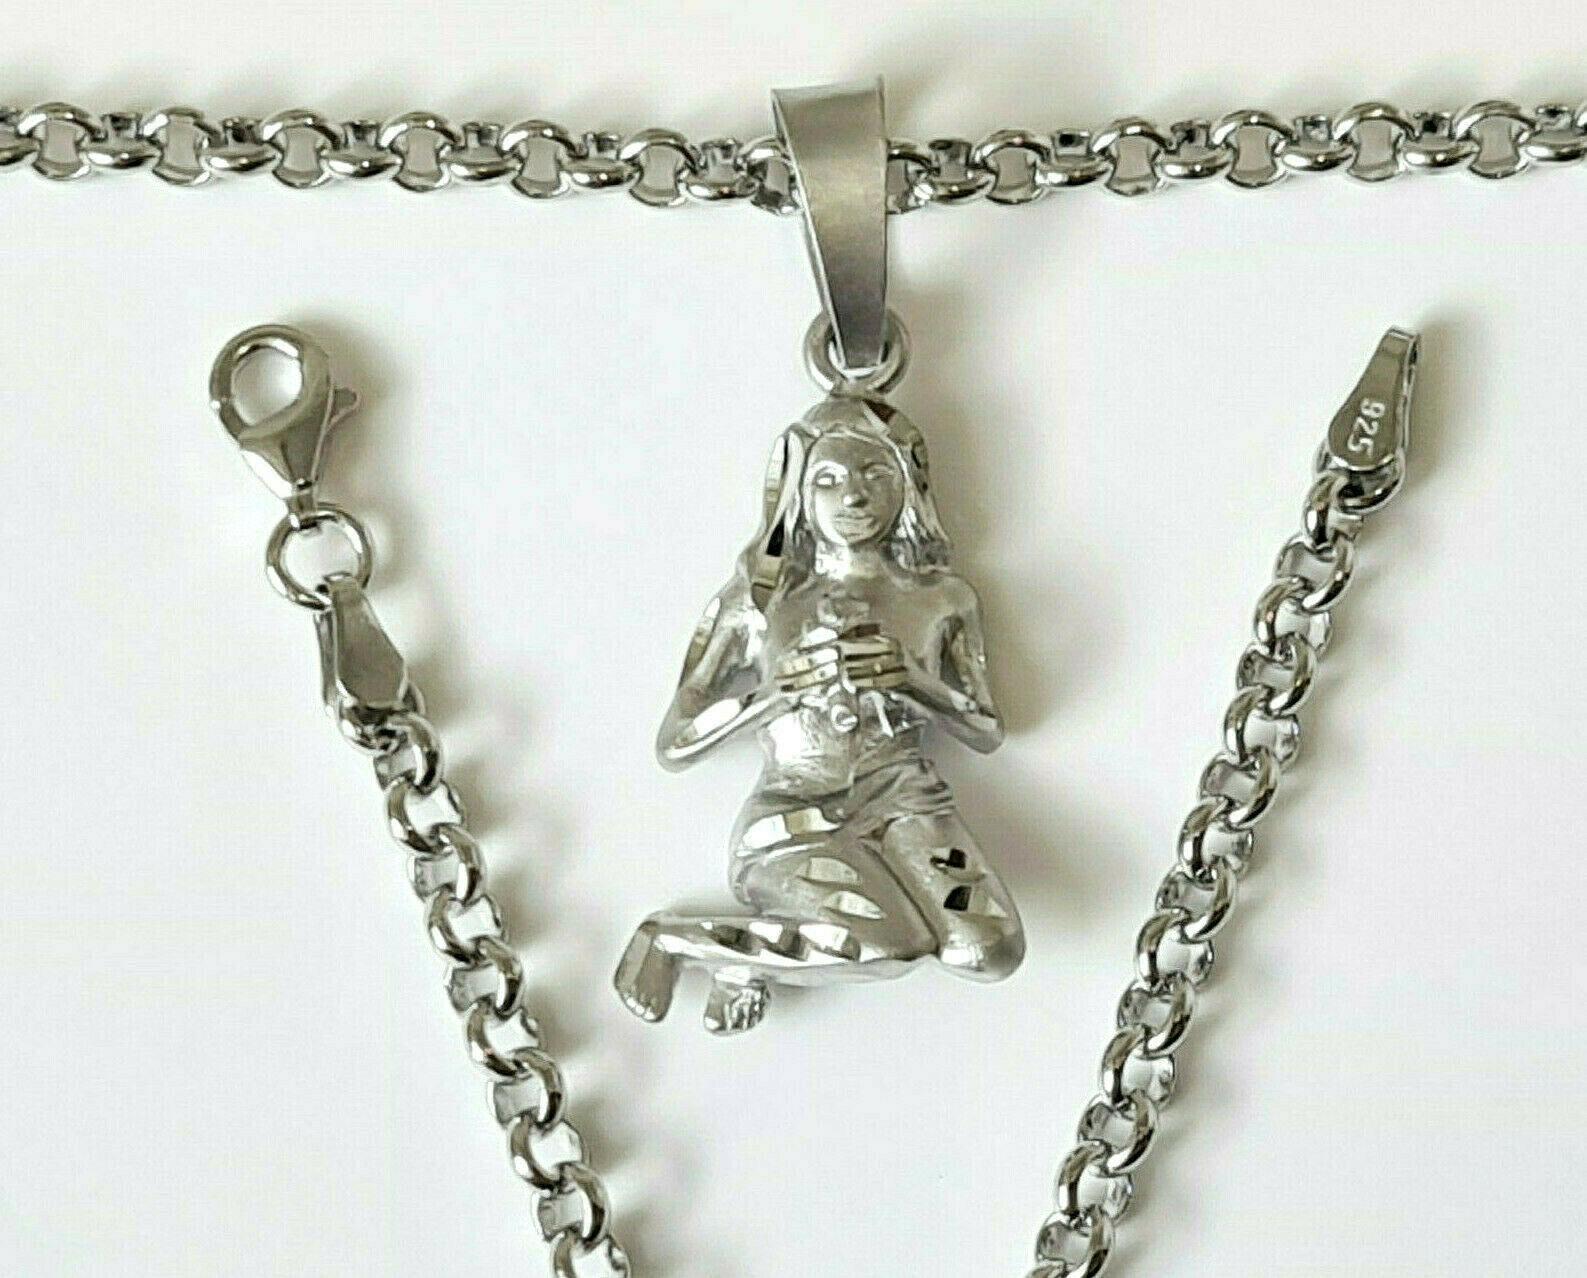 Anhänger Sternzeichen JUNGFRAU 925 Silber Schmuck Kettenanhänger Kinder Virgo